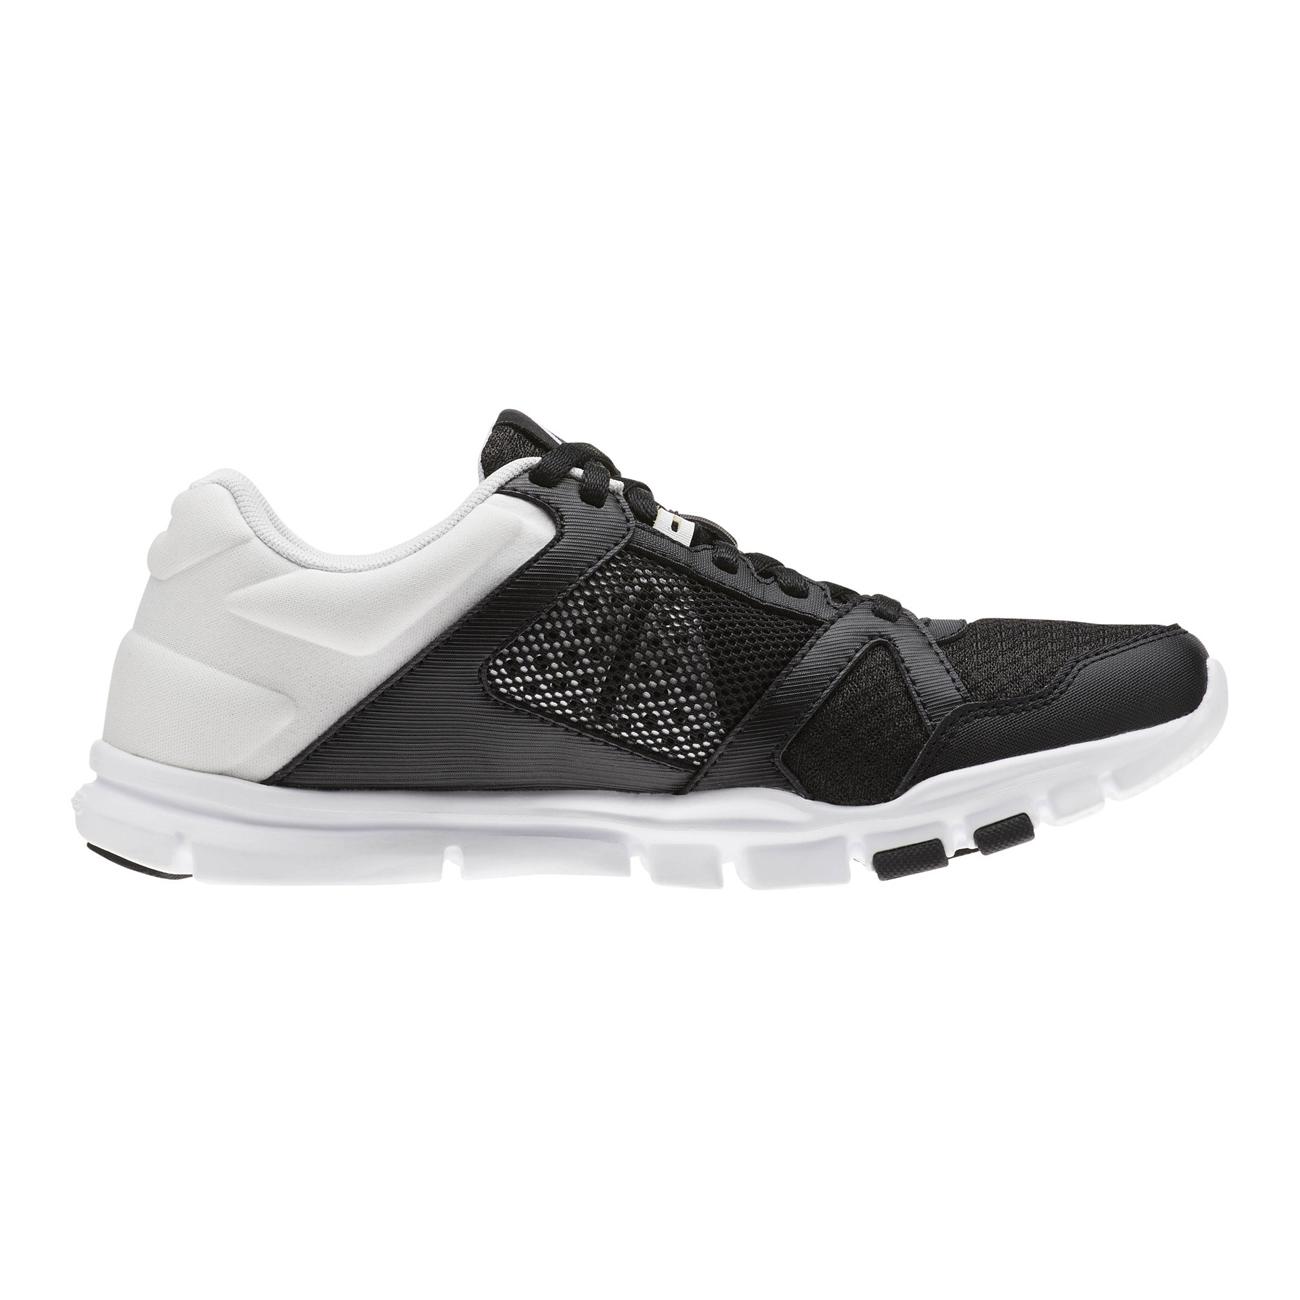 Reebok Women s Yourflex Trainette 10 MT Fitness Shoe- Black  24ae4515e